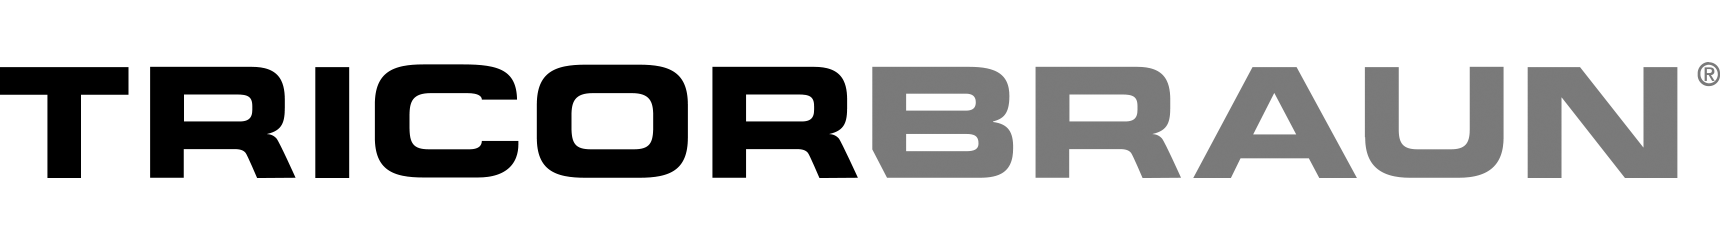 CA-logos-7